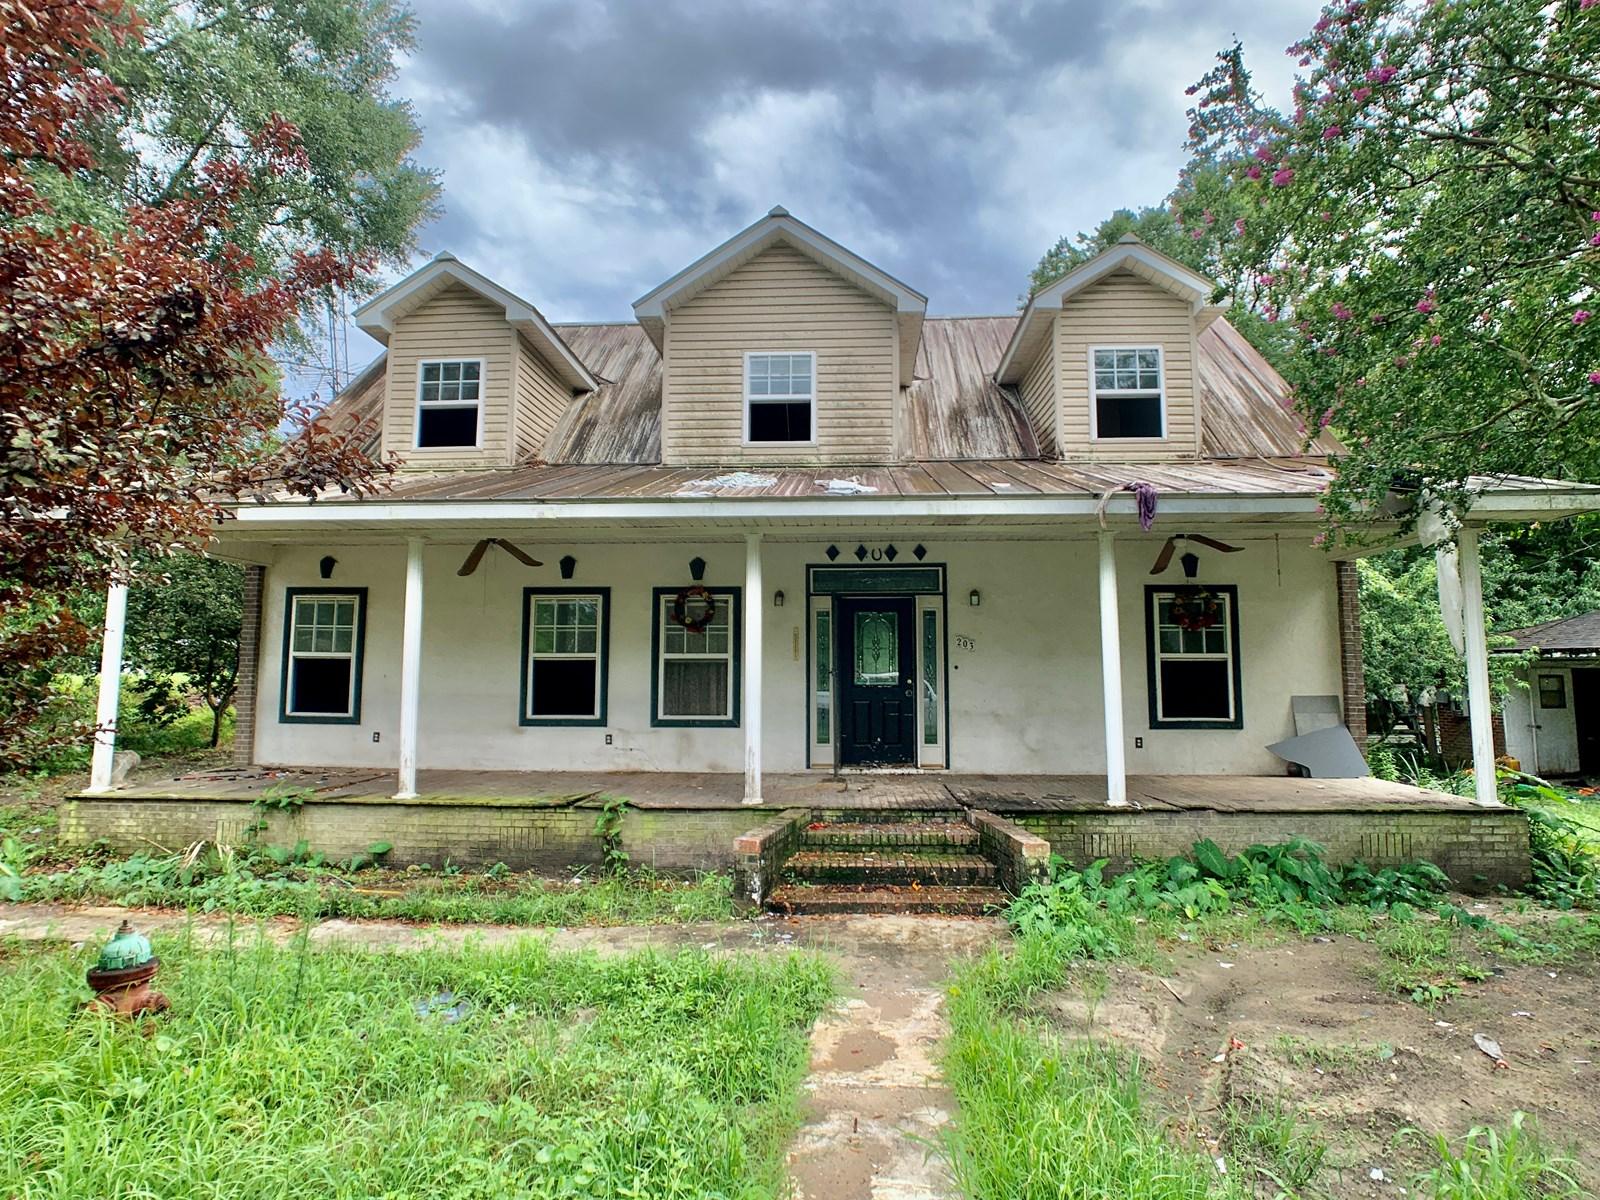 Home for sale in Geneva, Alabama